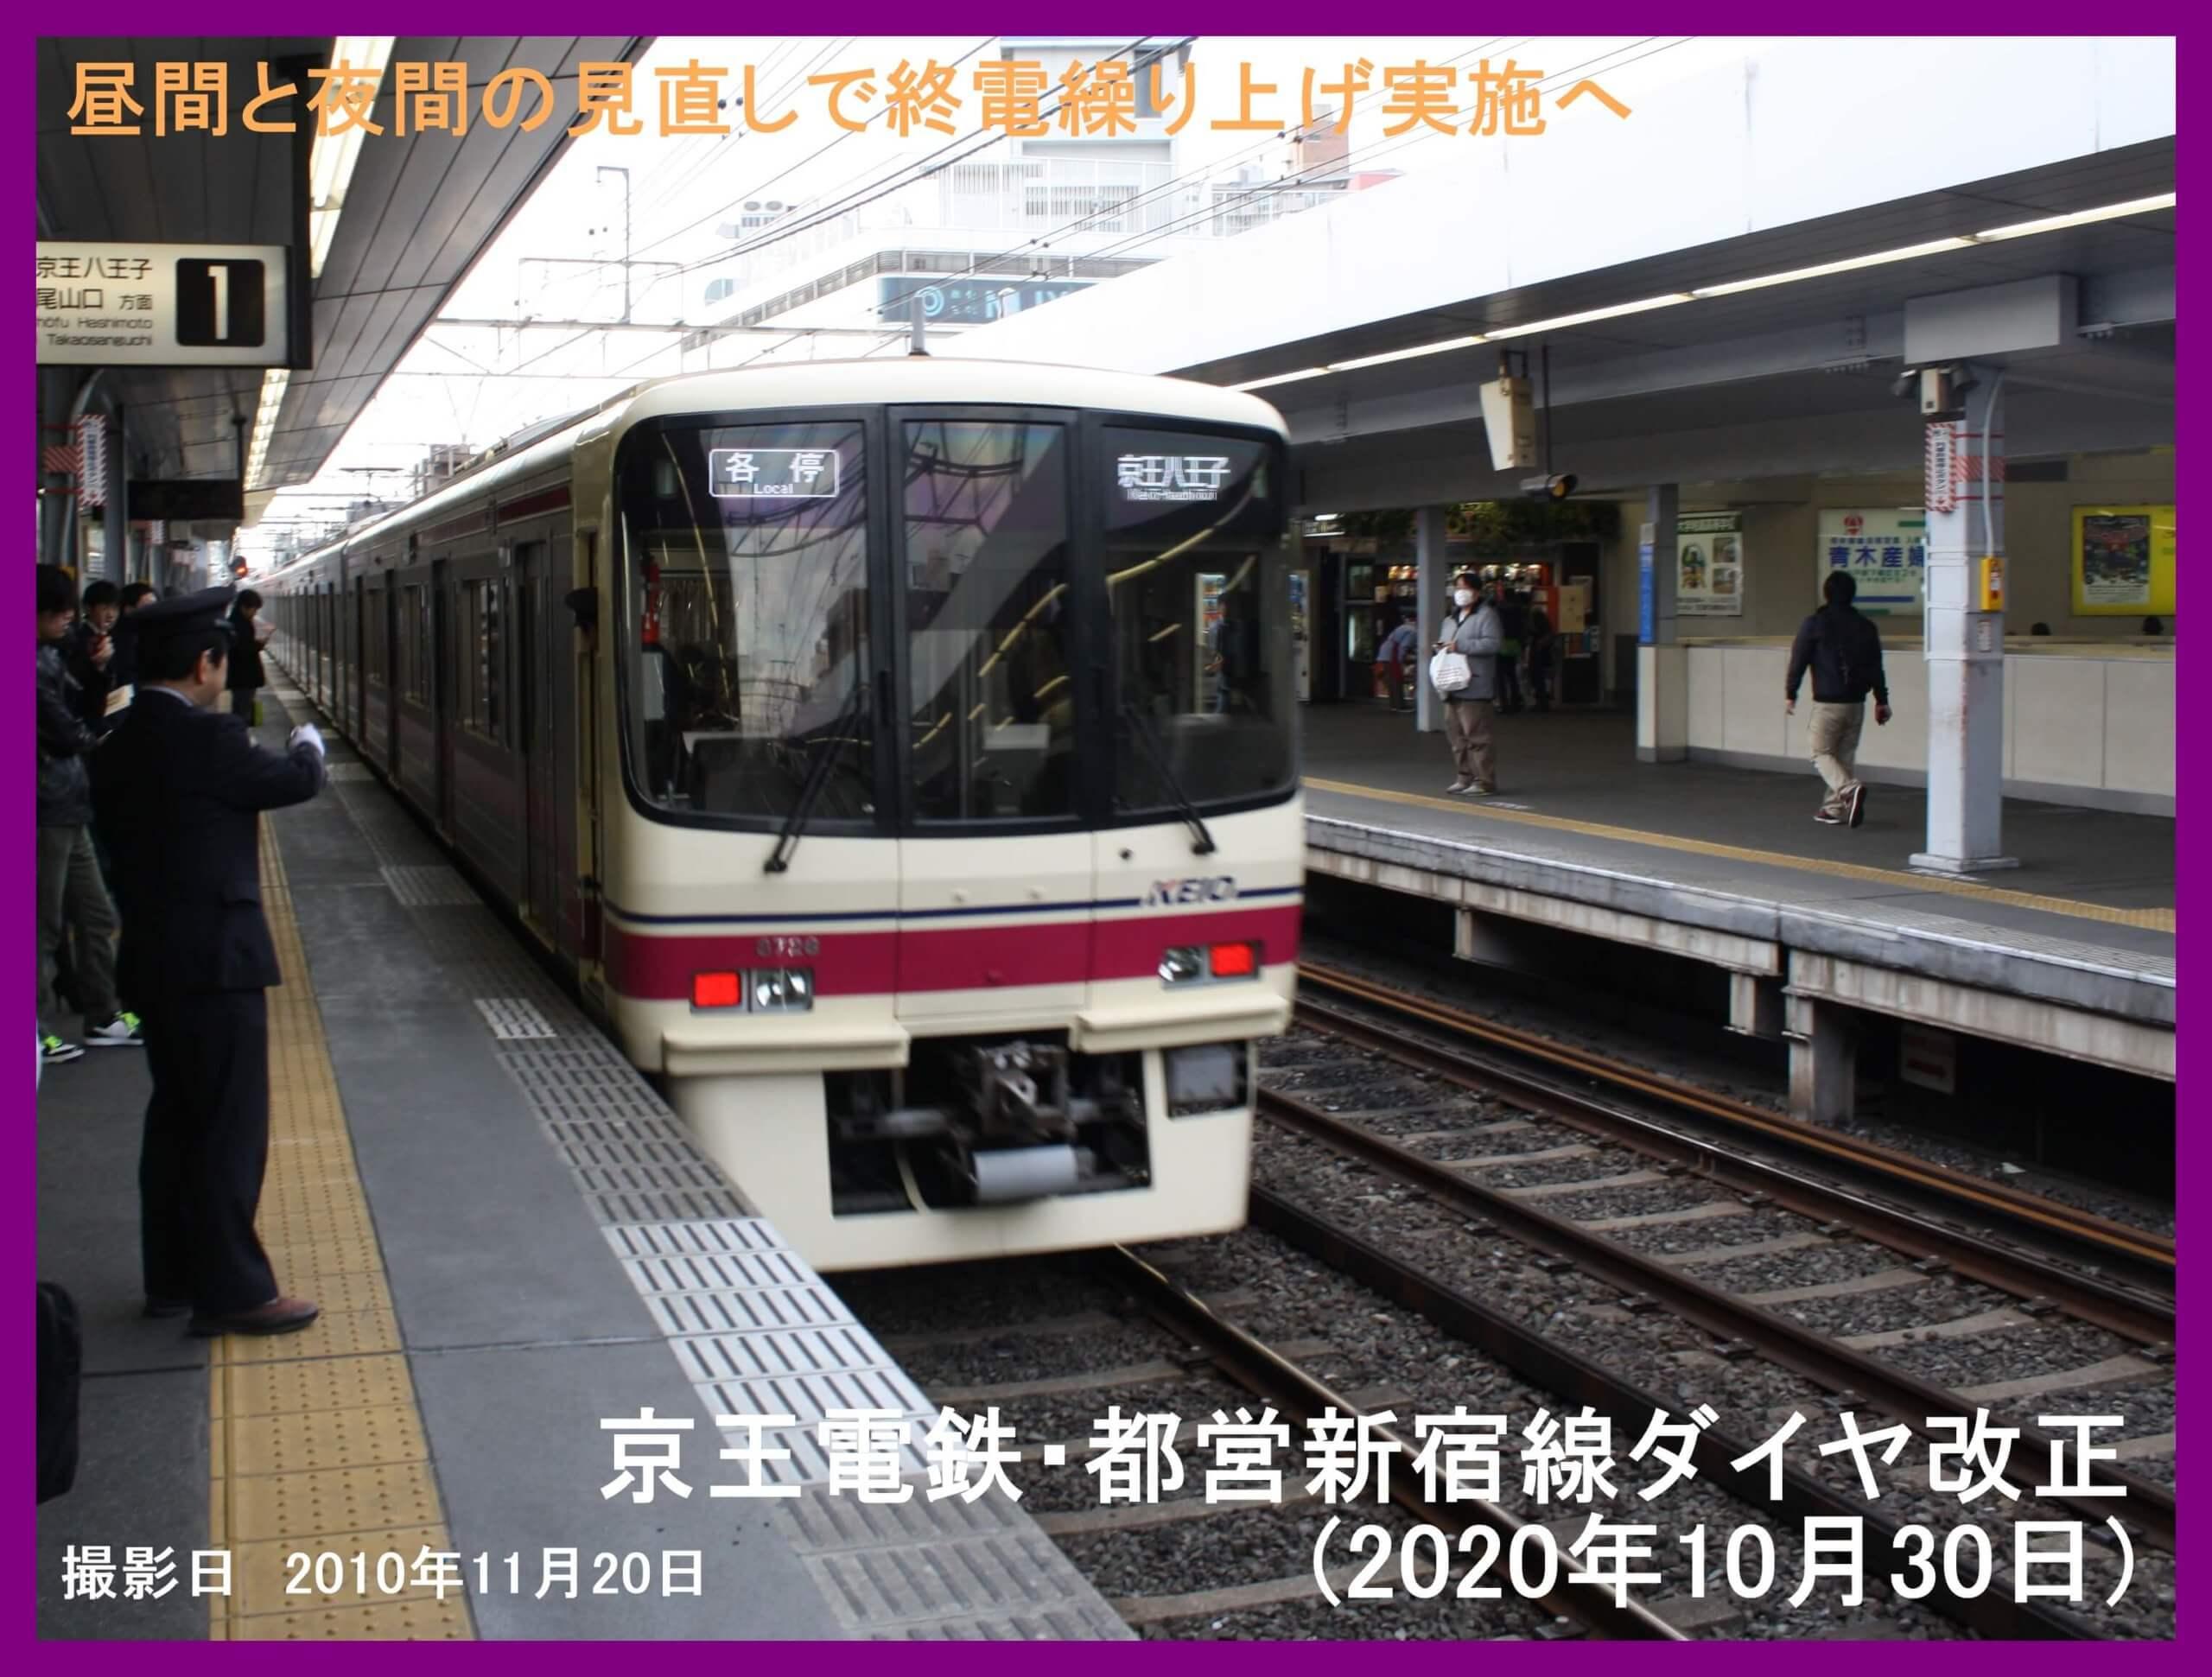 座席指定列車増発も終電繰り上げ実施へ 京王電鉄・都営新宿線ダイヤ改正(2020年10月30日)